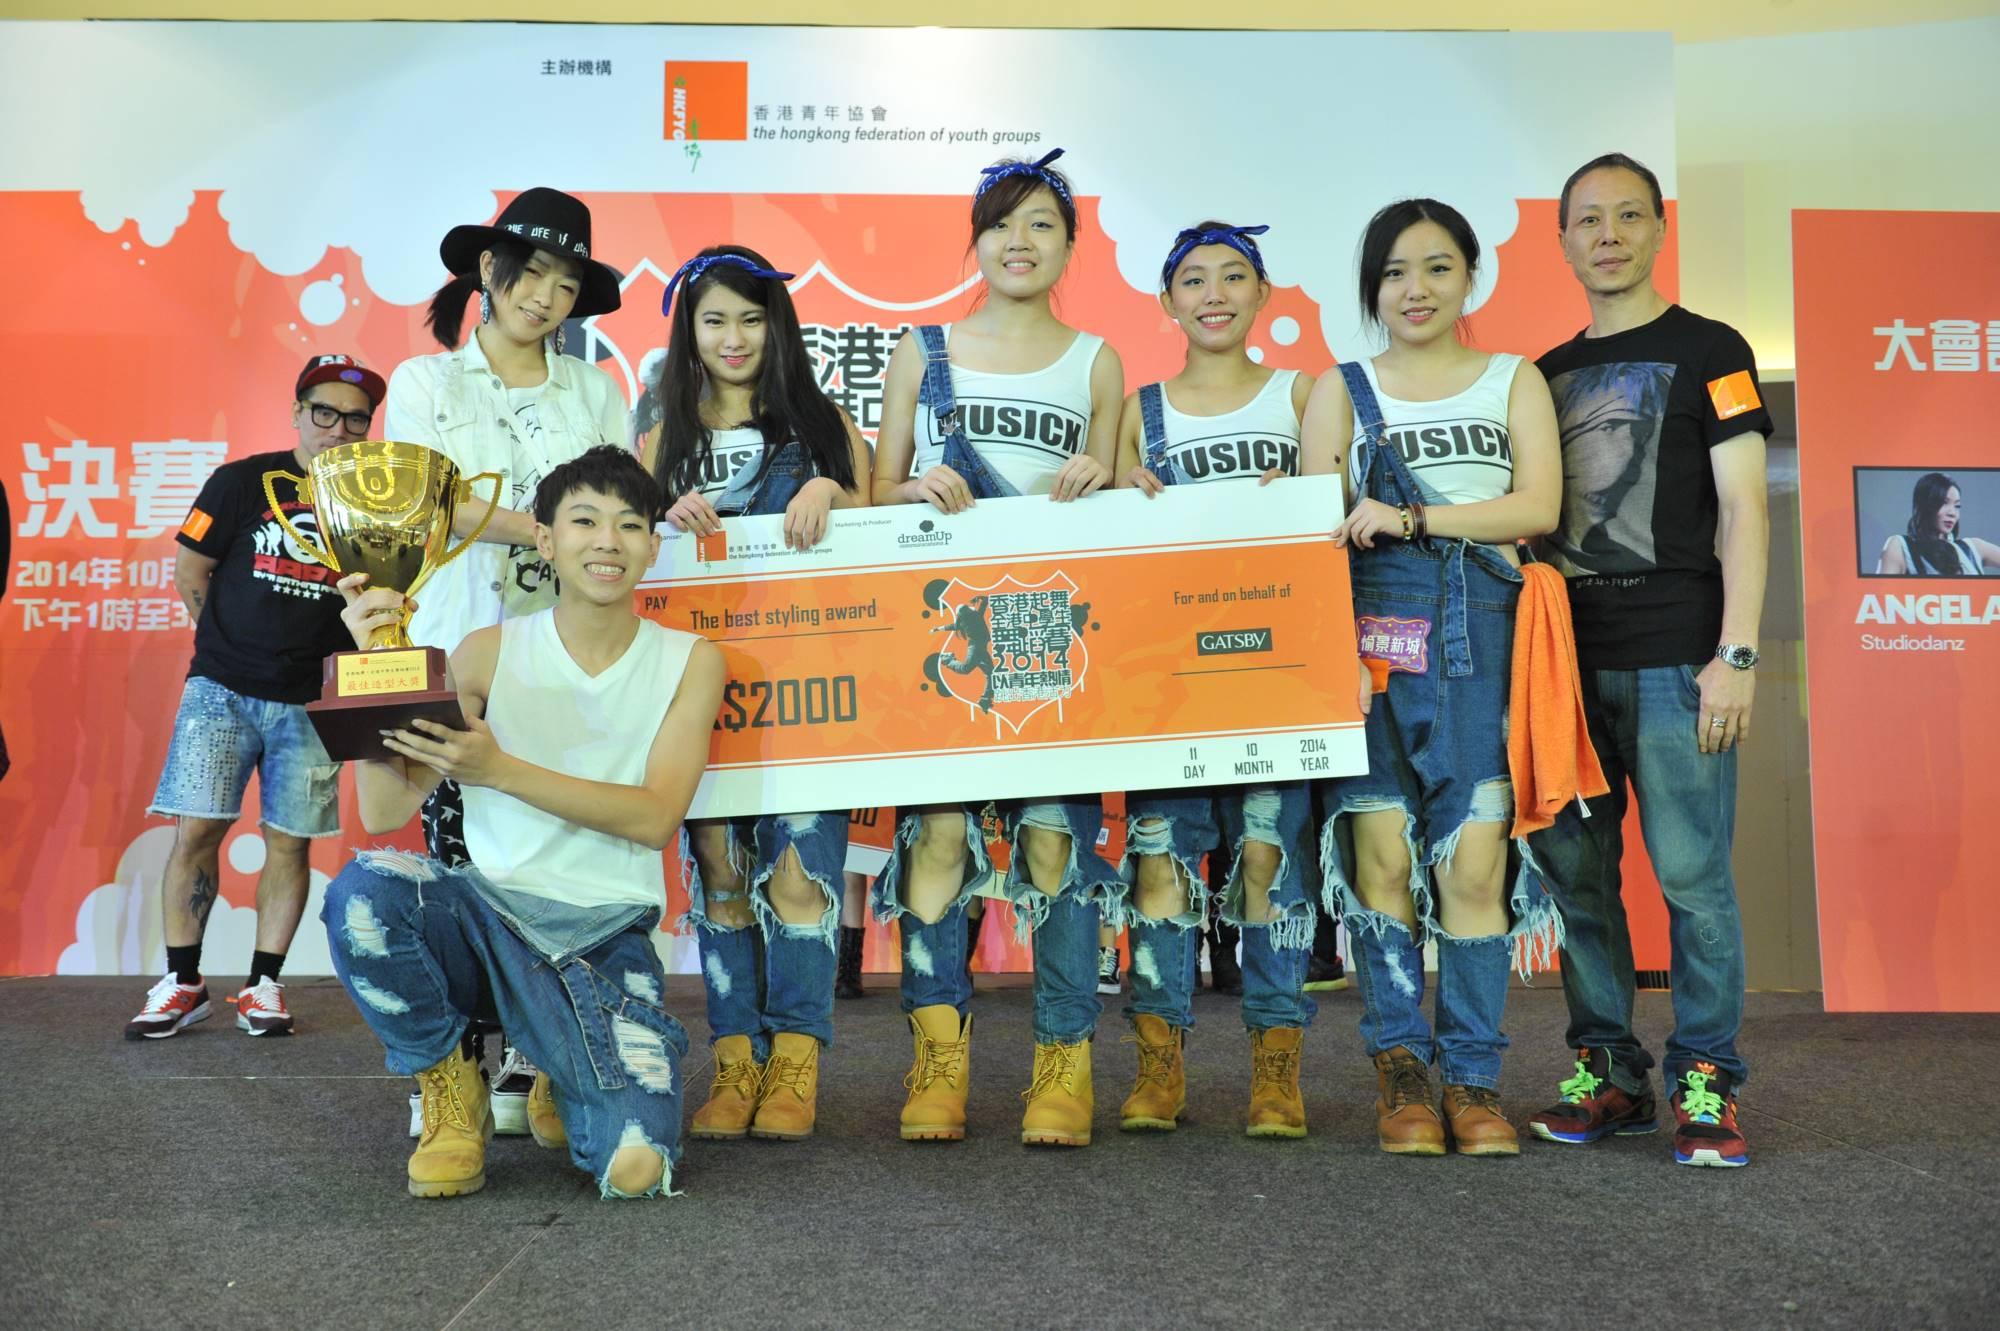 全港中學生舞蹈賽2014得獎隊伍 (4)